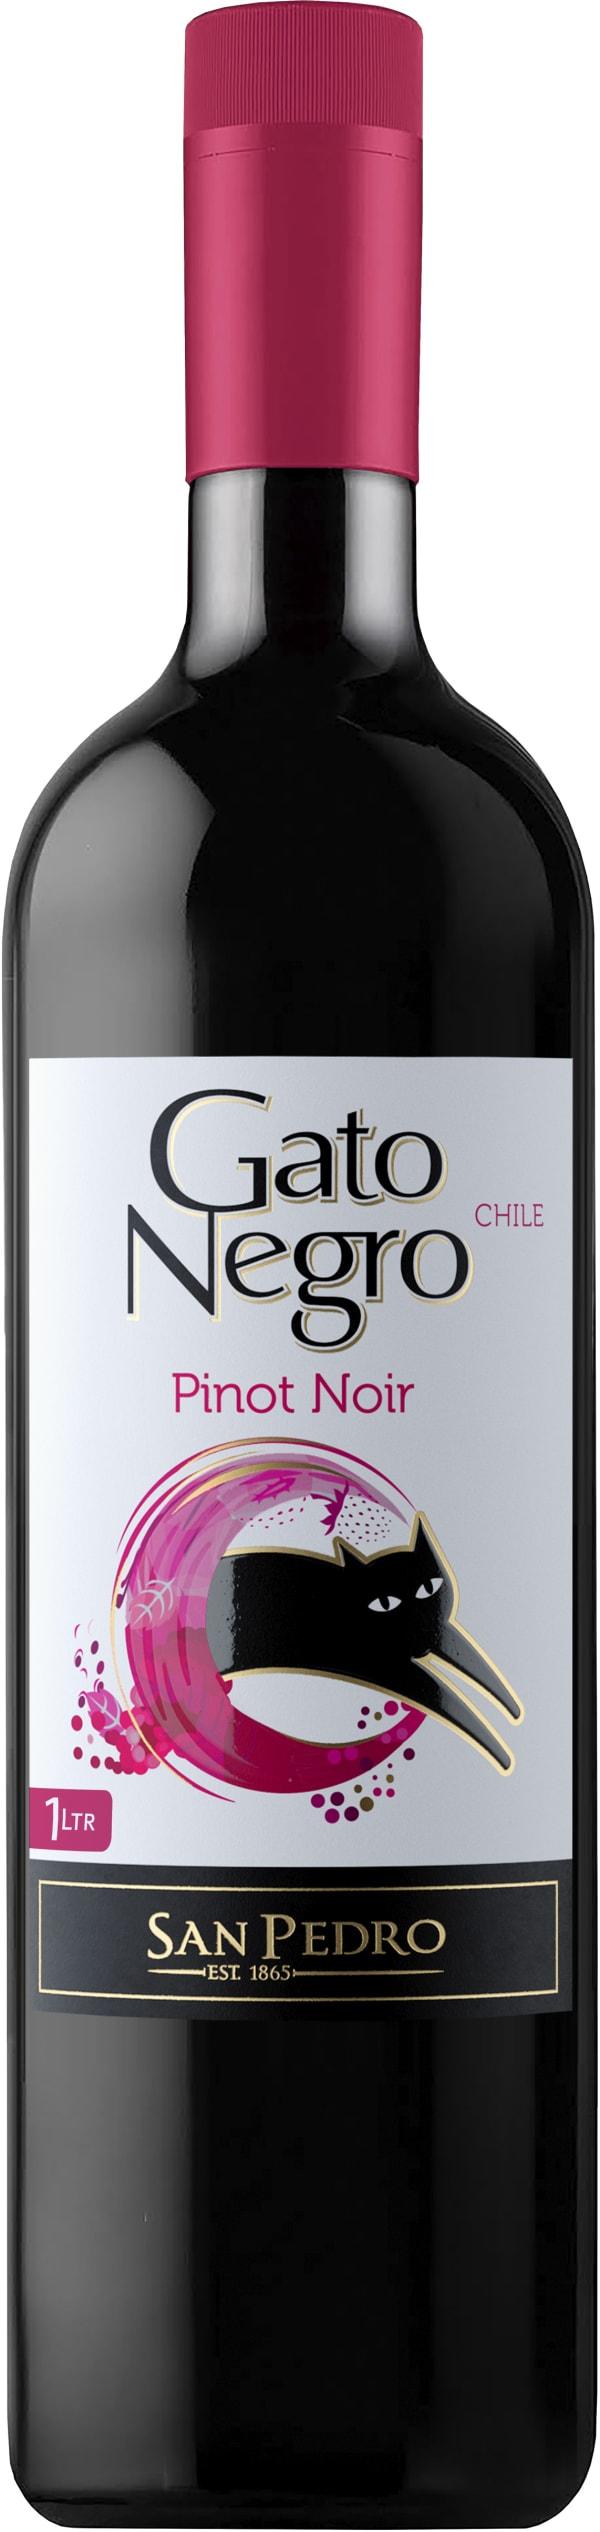 Gato Negro Pinot Noir 2015 plastic bottle